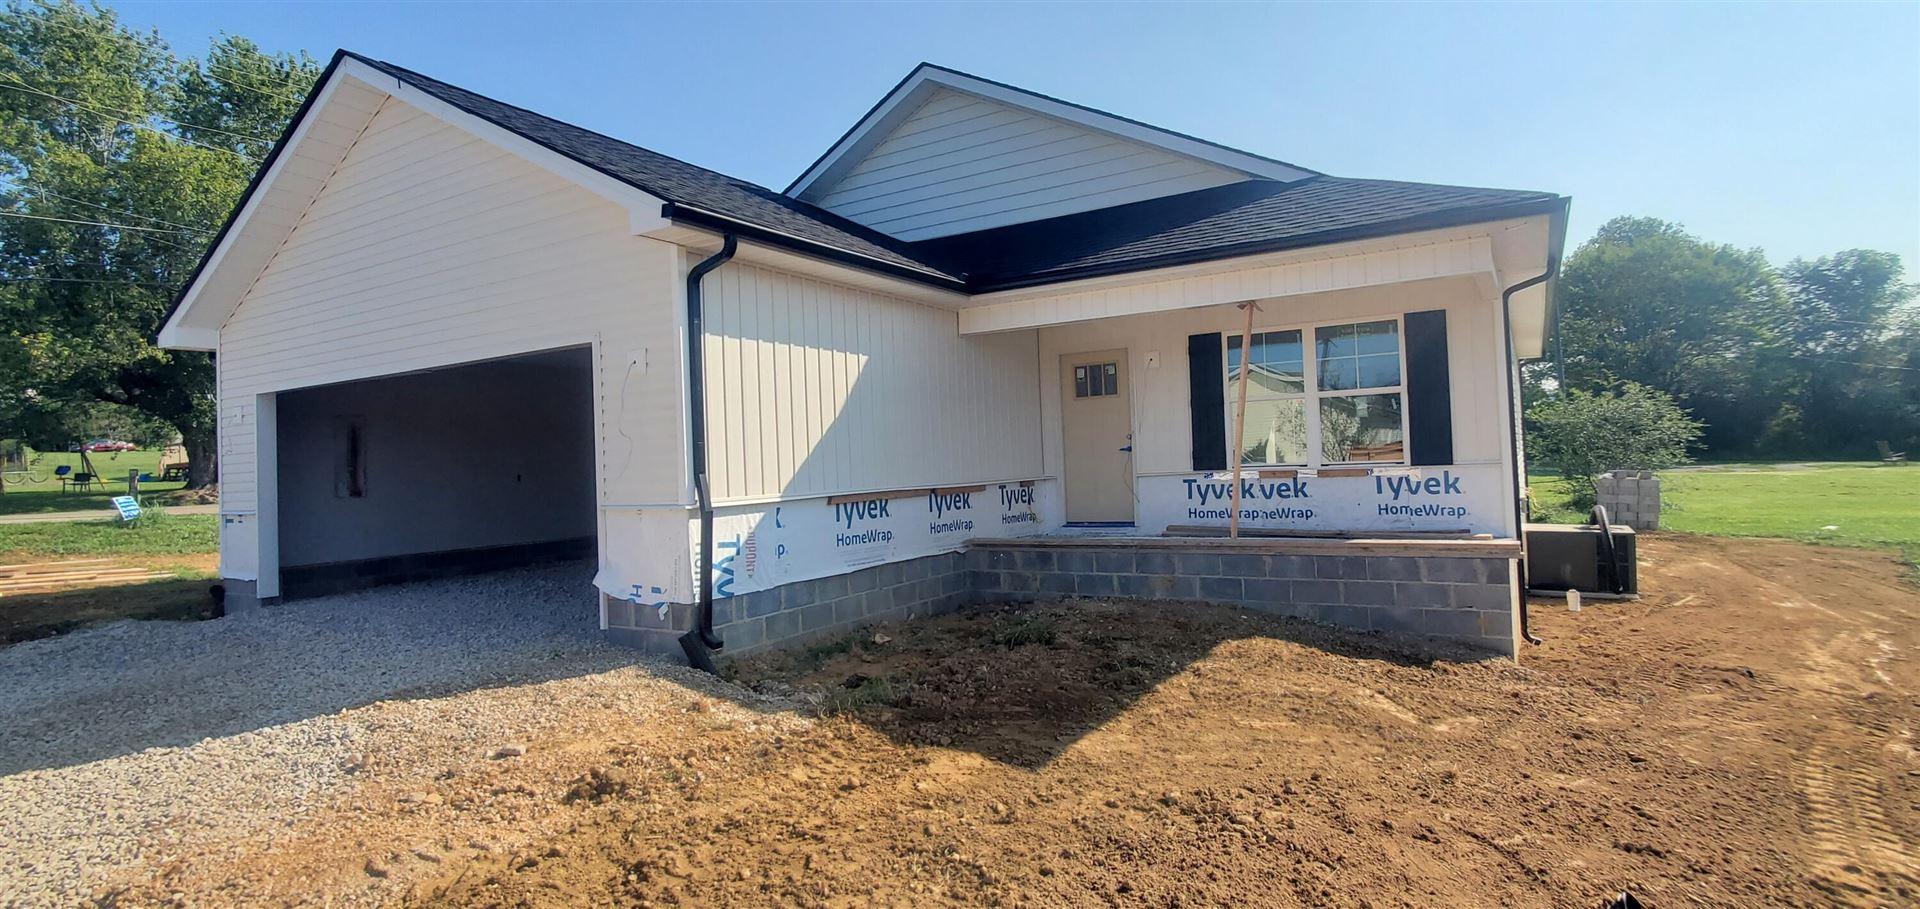 Photo of 162 Judys Lane, Maynardville, TN 37807 (MLS # 1167015)